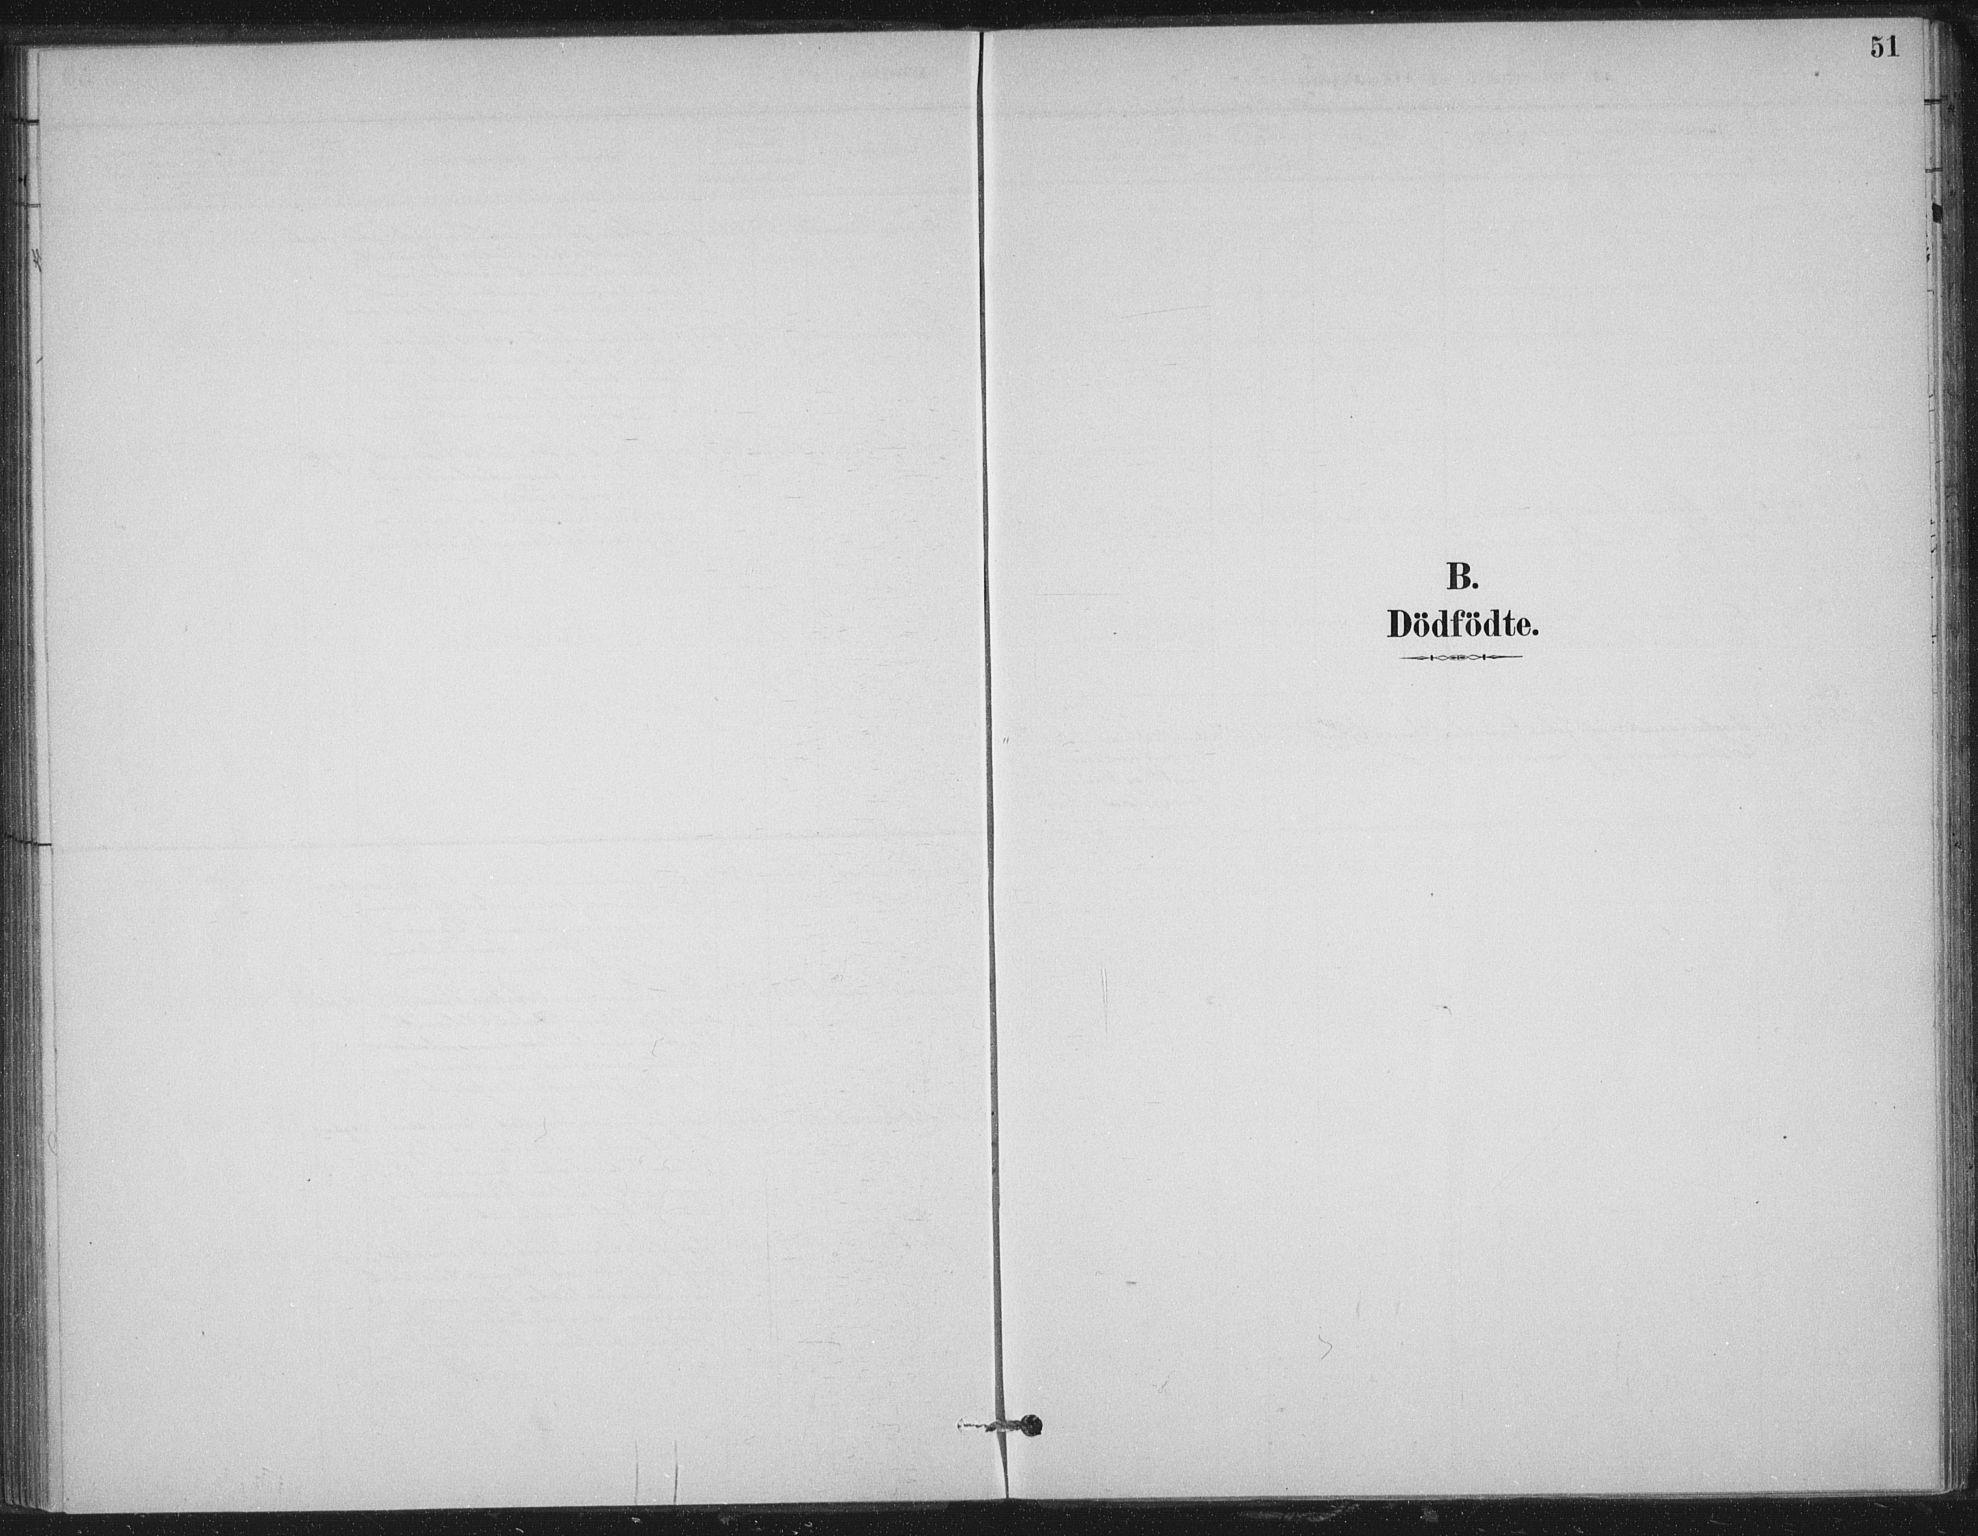 SAT, Ministerialprotokoller, klokkerbøker og fødselsregistre - Nord-Trøndelag, 702/L0023: Parish register (official) no. 702A01, 1883-1897, p. 51